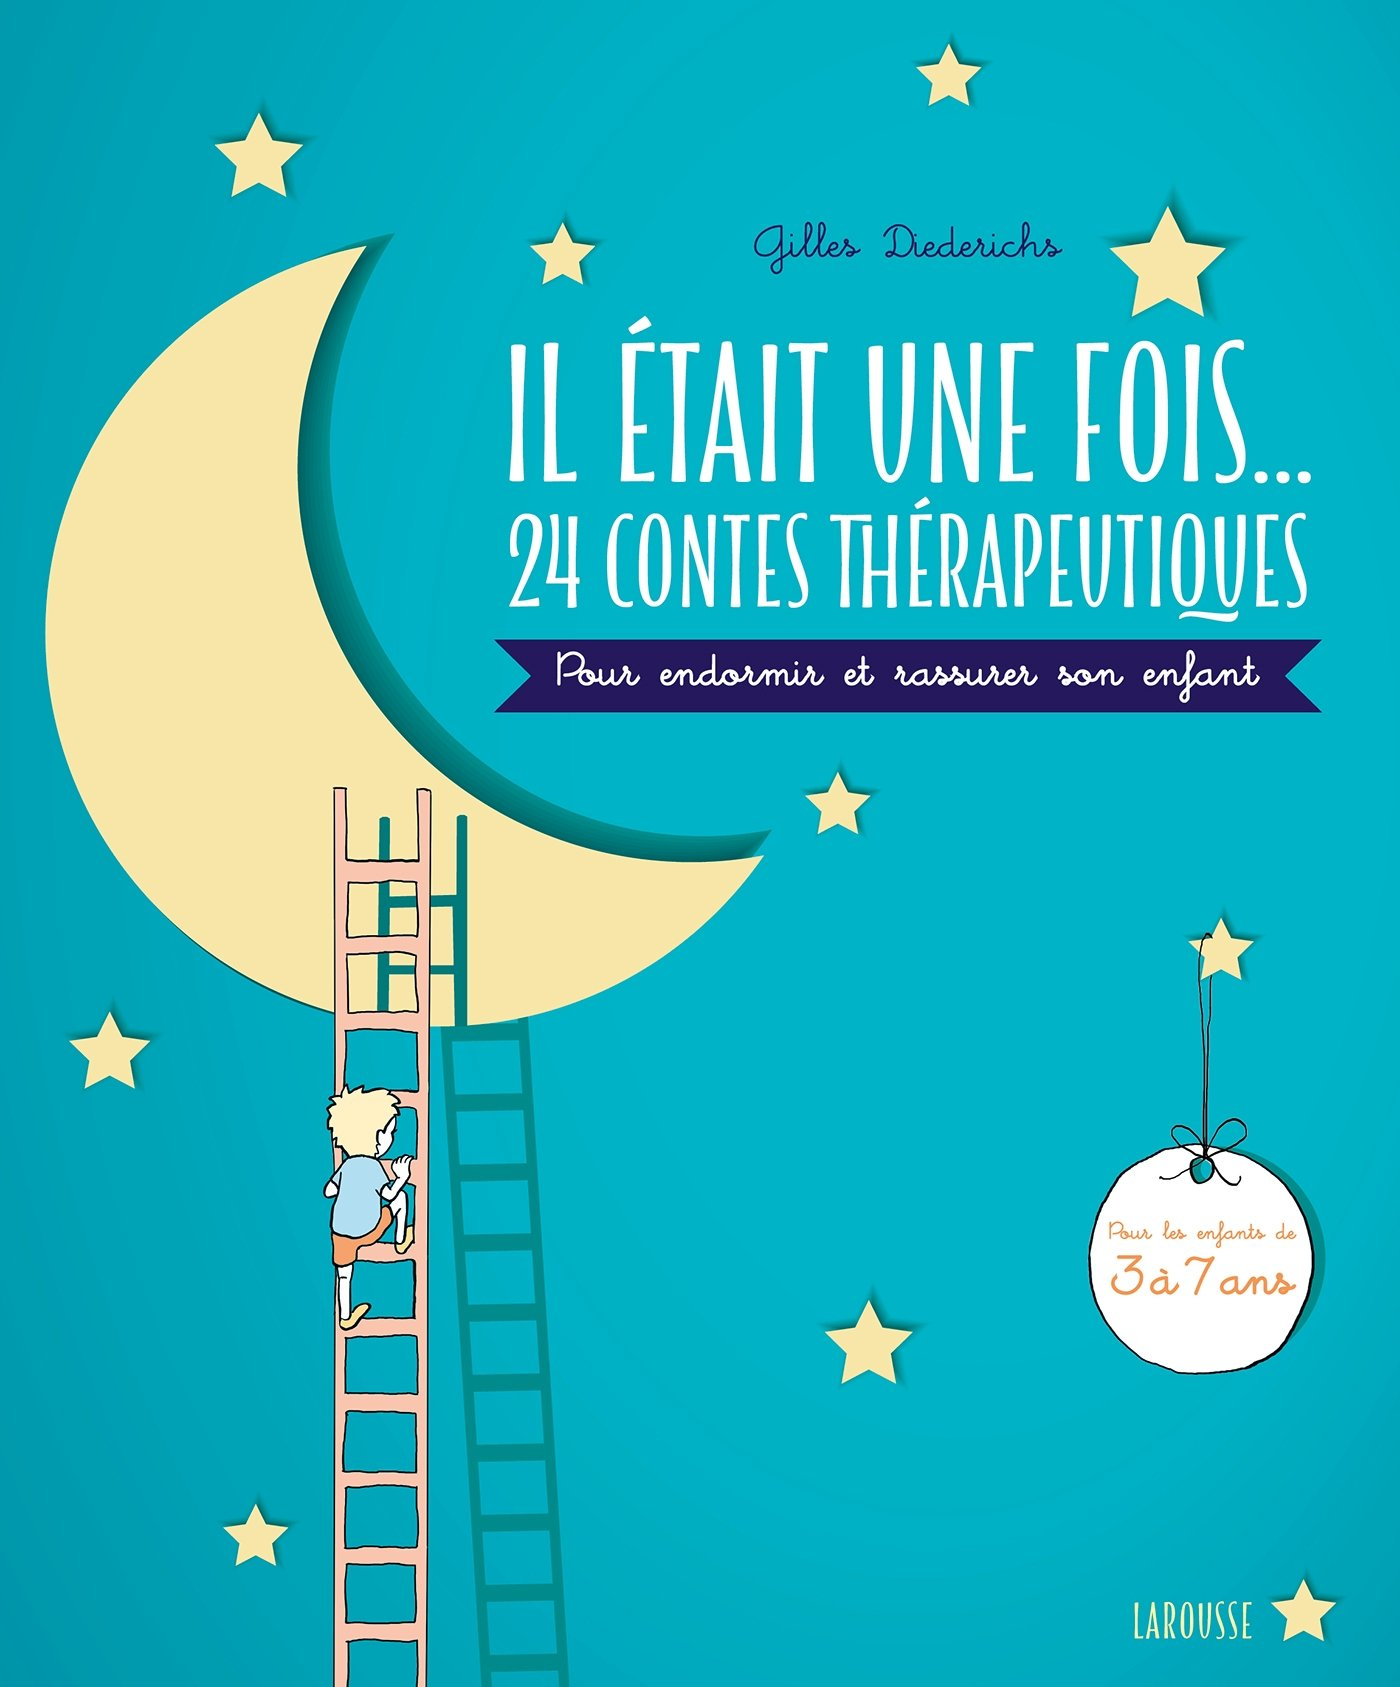 Il était une fois. 24 contes thérapeutiques : pour endormir et rassurer son enfant